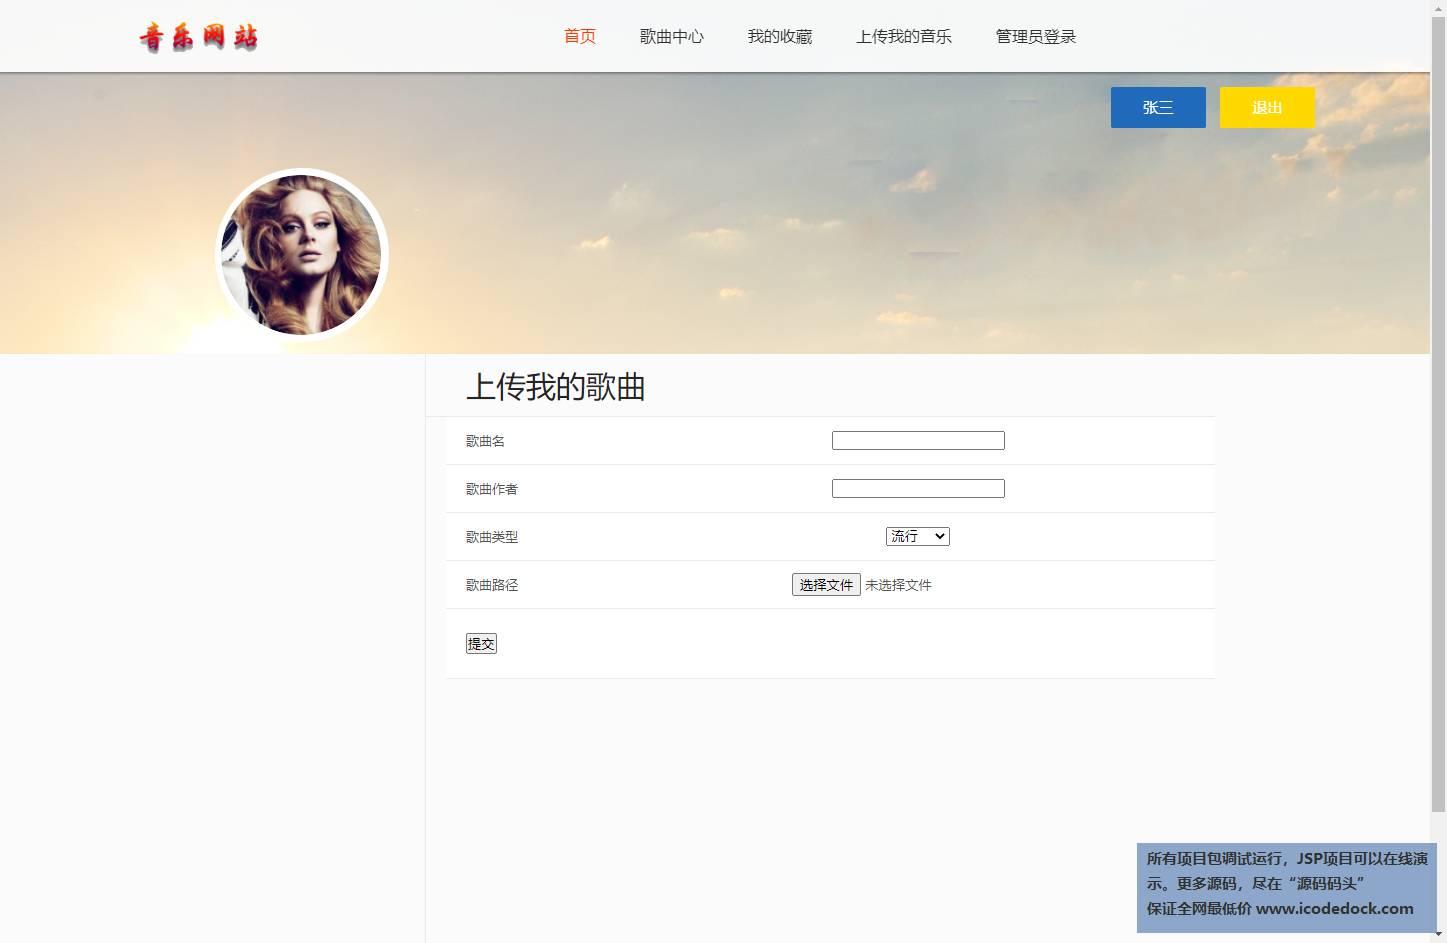 源码码头-JSP音乐网站系统-用户角色-上传歌曲